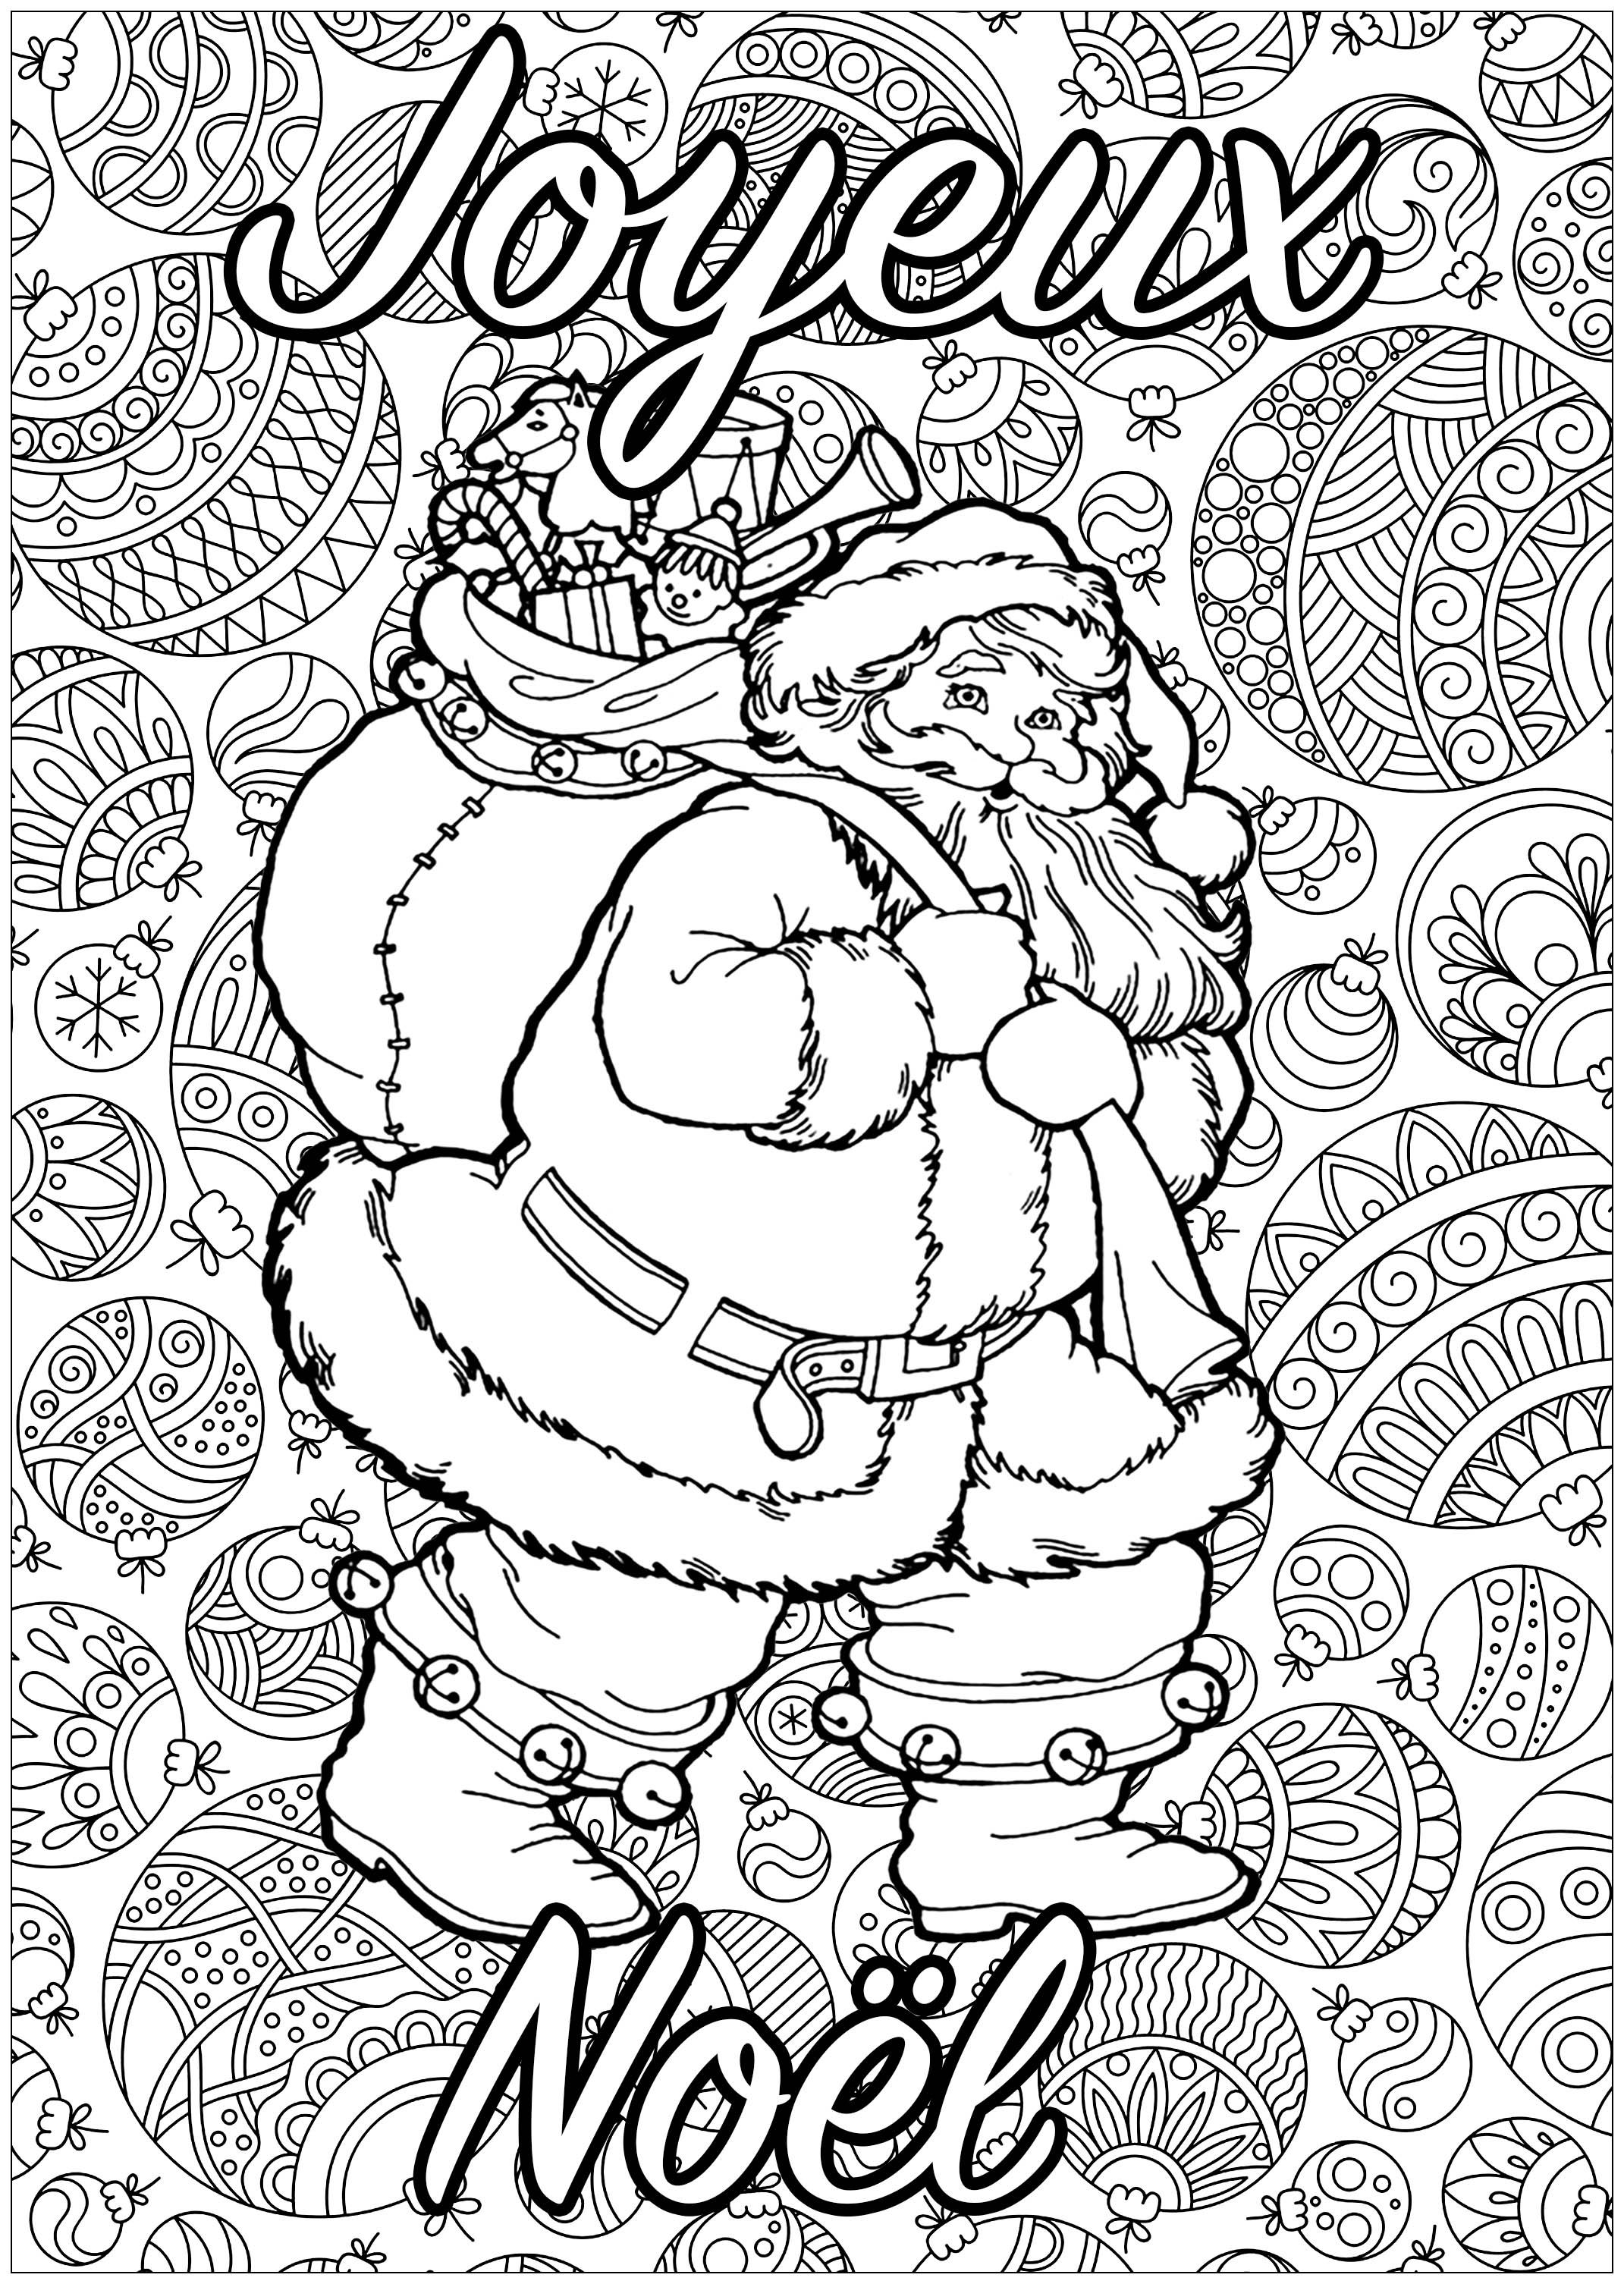 Père Noël à Colorier Avec Fond Plein De Motifs Et Texte Joyeux